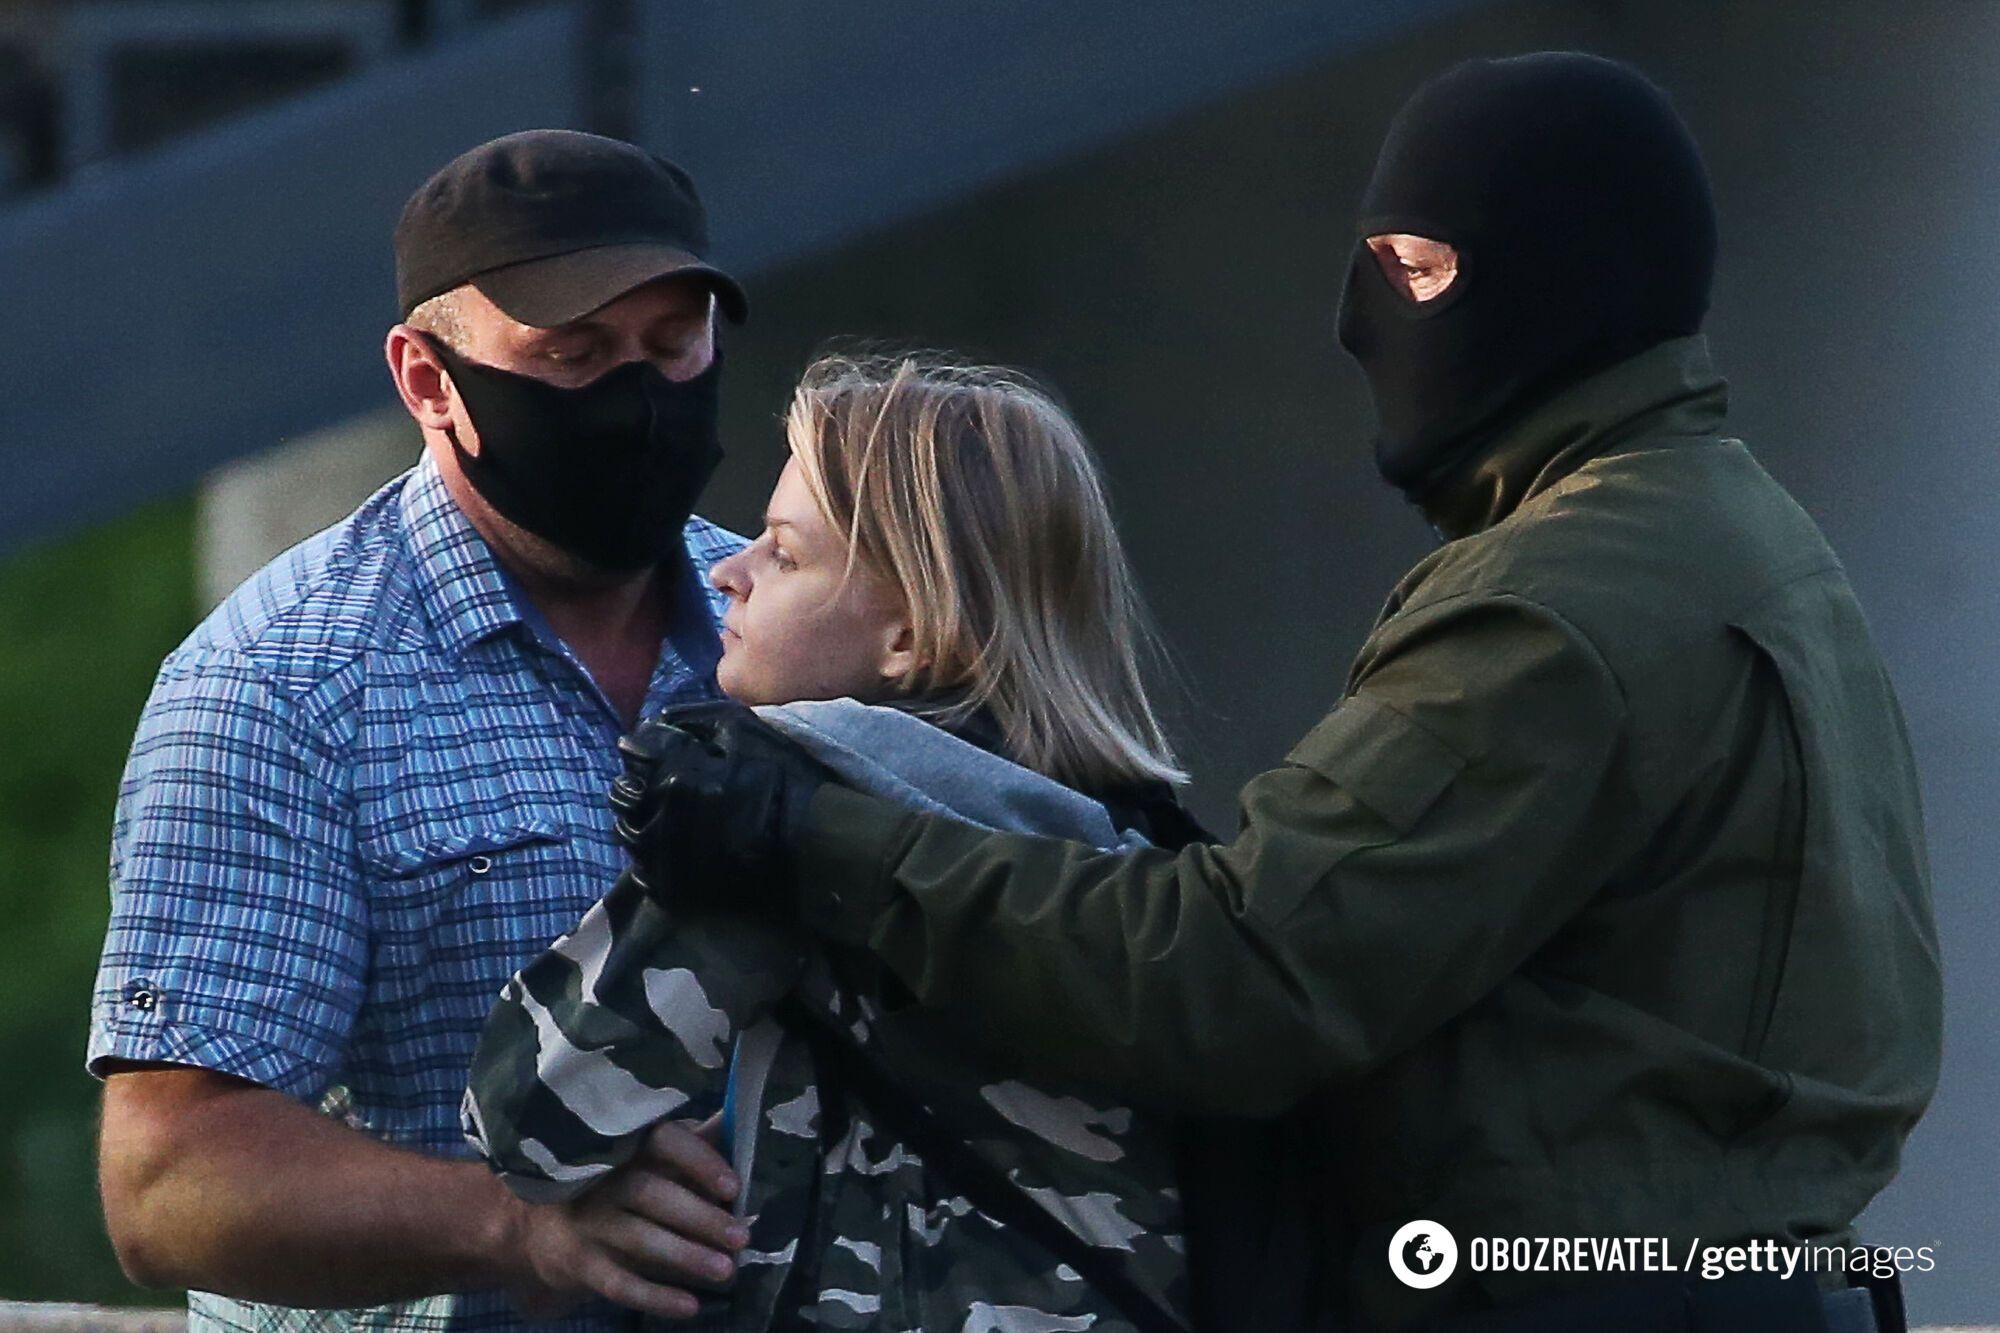 Задержание митингующих во время протестов в Беларуси